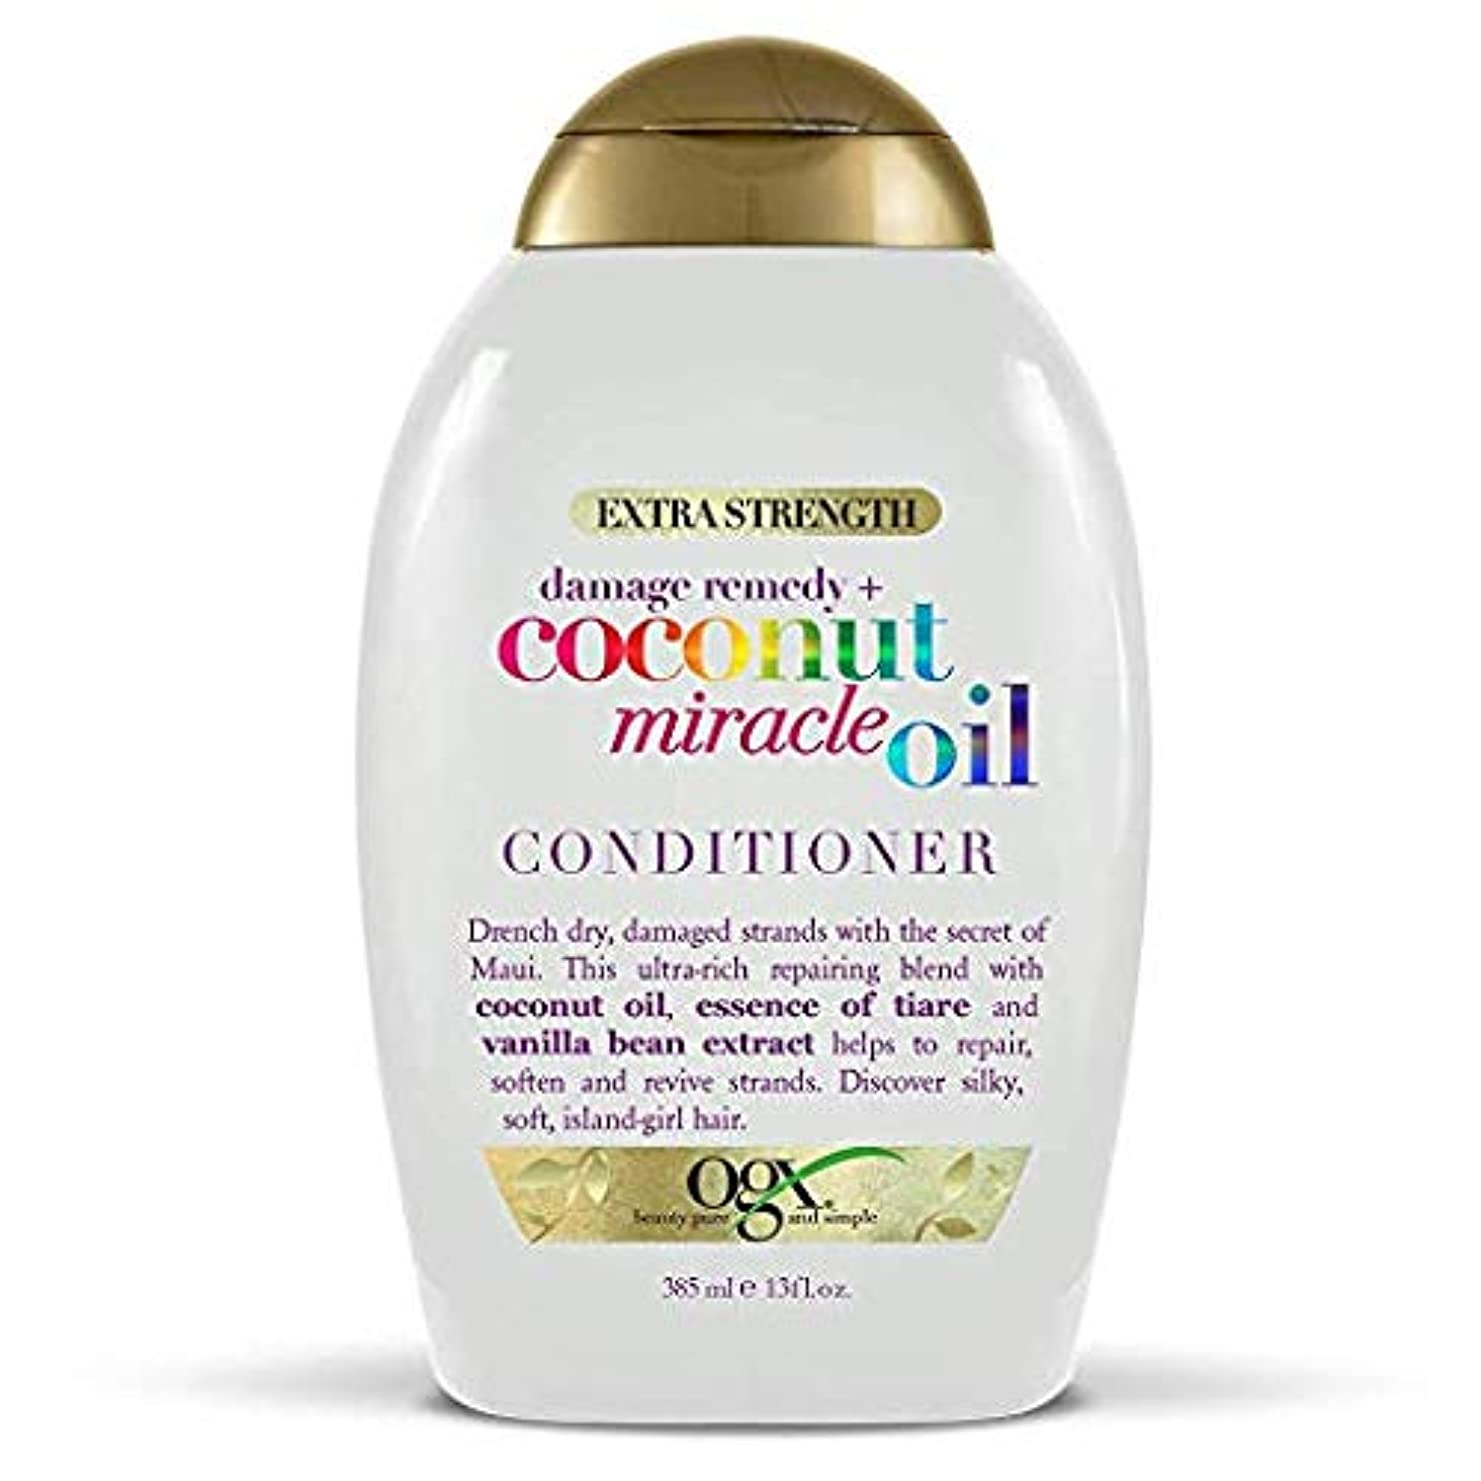 粒子段階可能性Ogx Conditioner Coconut Miracle Oil Extra Strength 13oz OGX ココナッツミラクルオイル エクストラストレングス コンディショナー 385ml [並行輸入品]